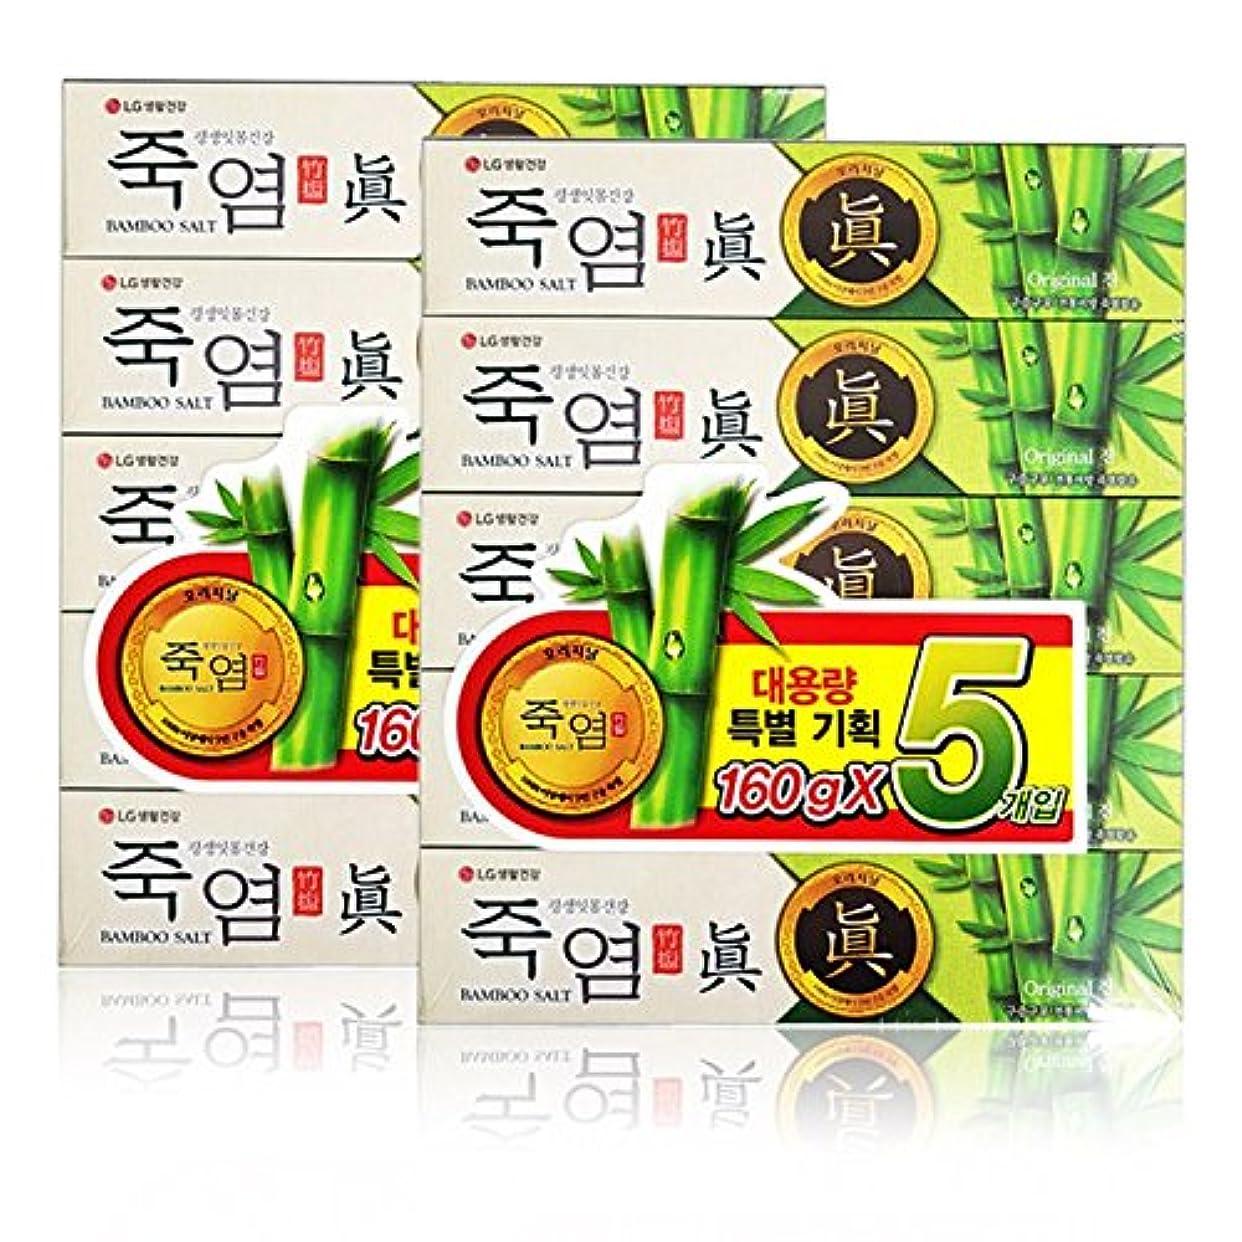 外向き硫黄引き受ける[LG電子の生活と健康] LG 竹塩オリジナル歯磨き粉160g*10つの(海外直送品)